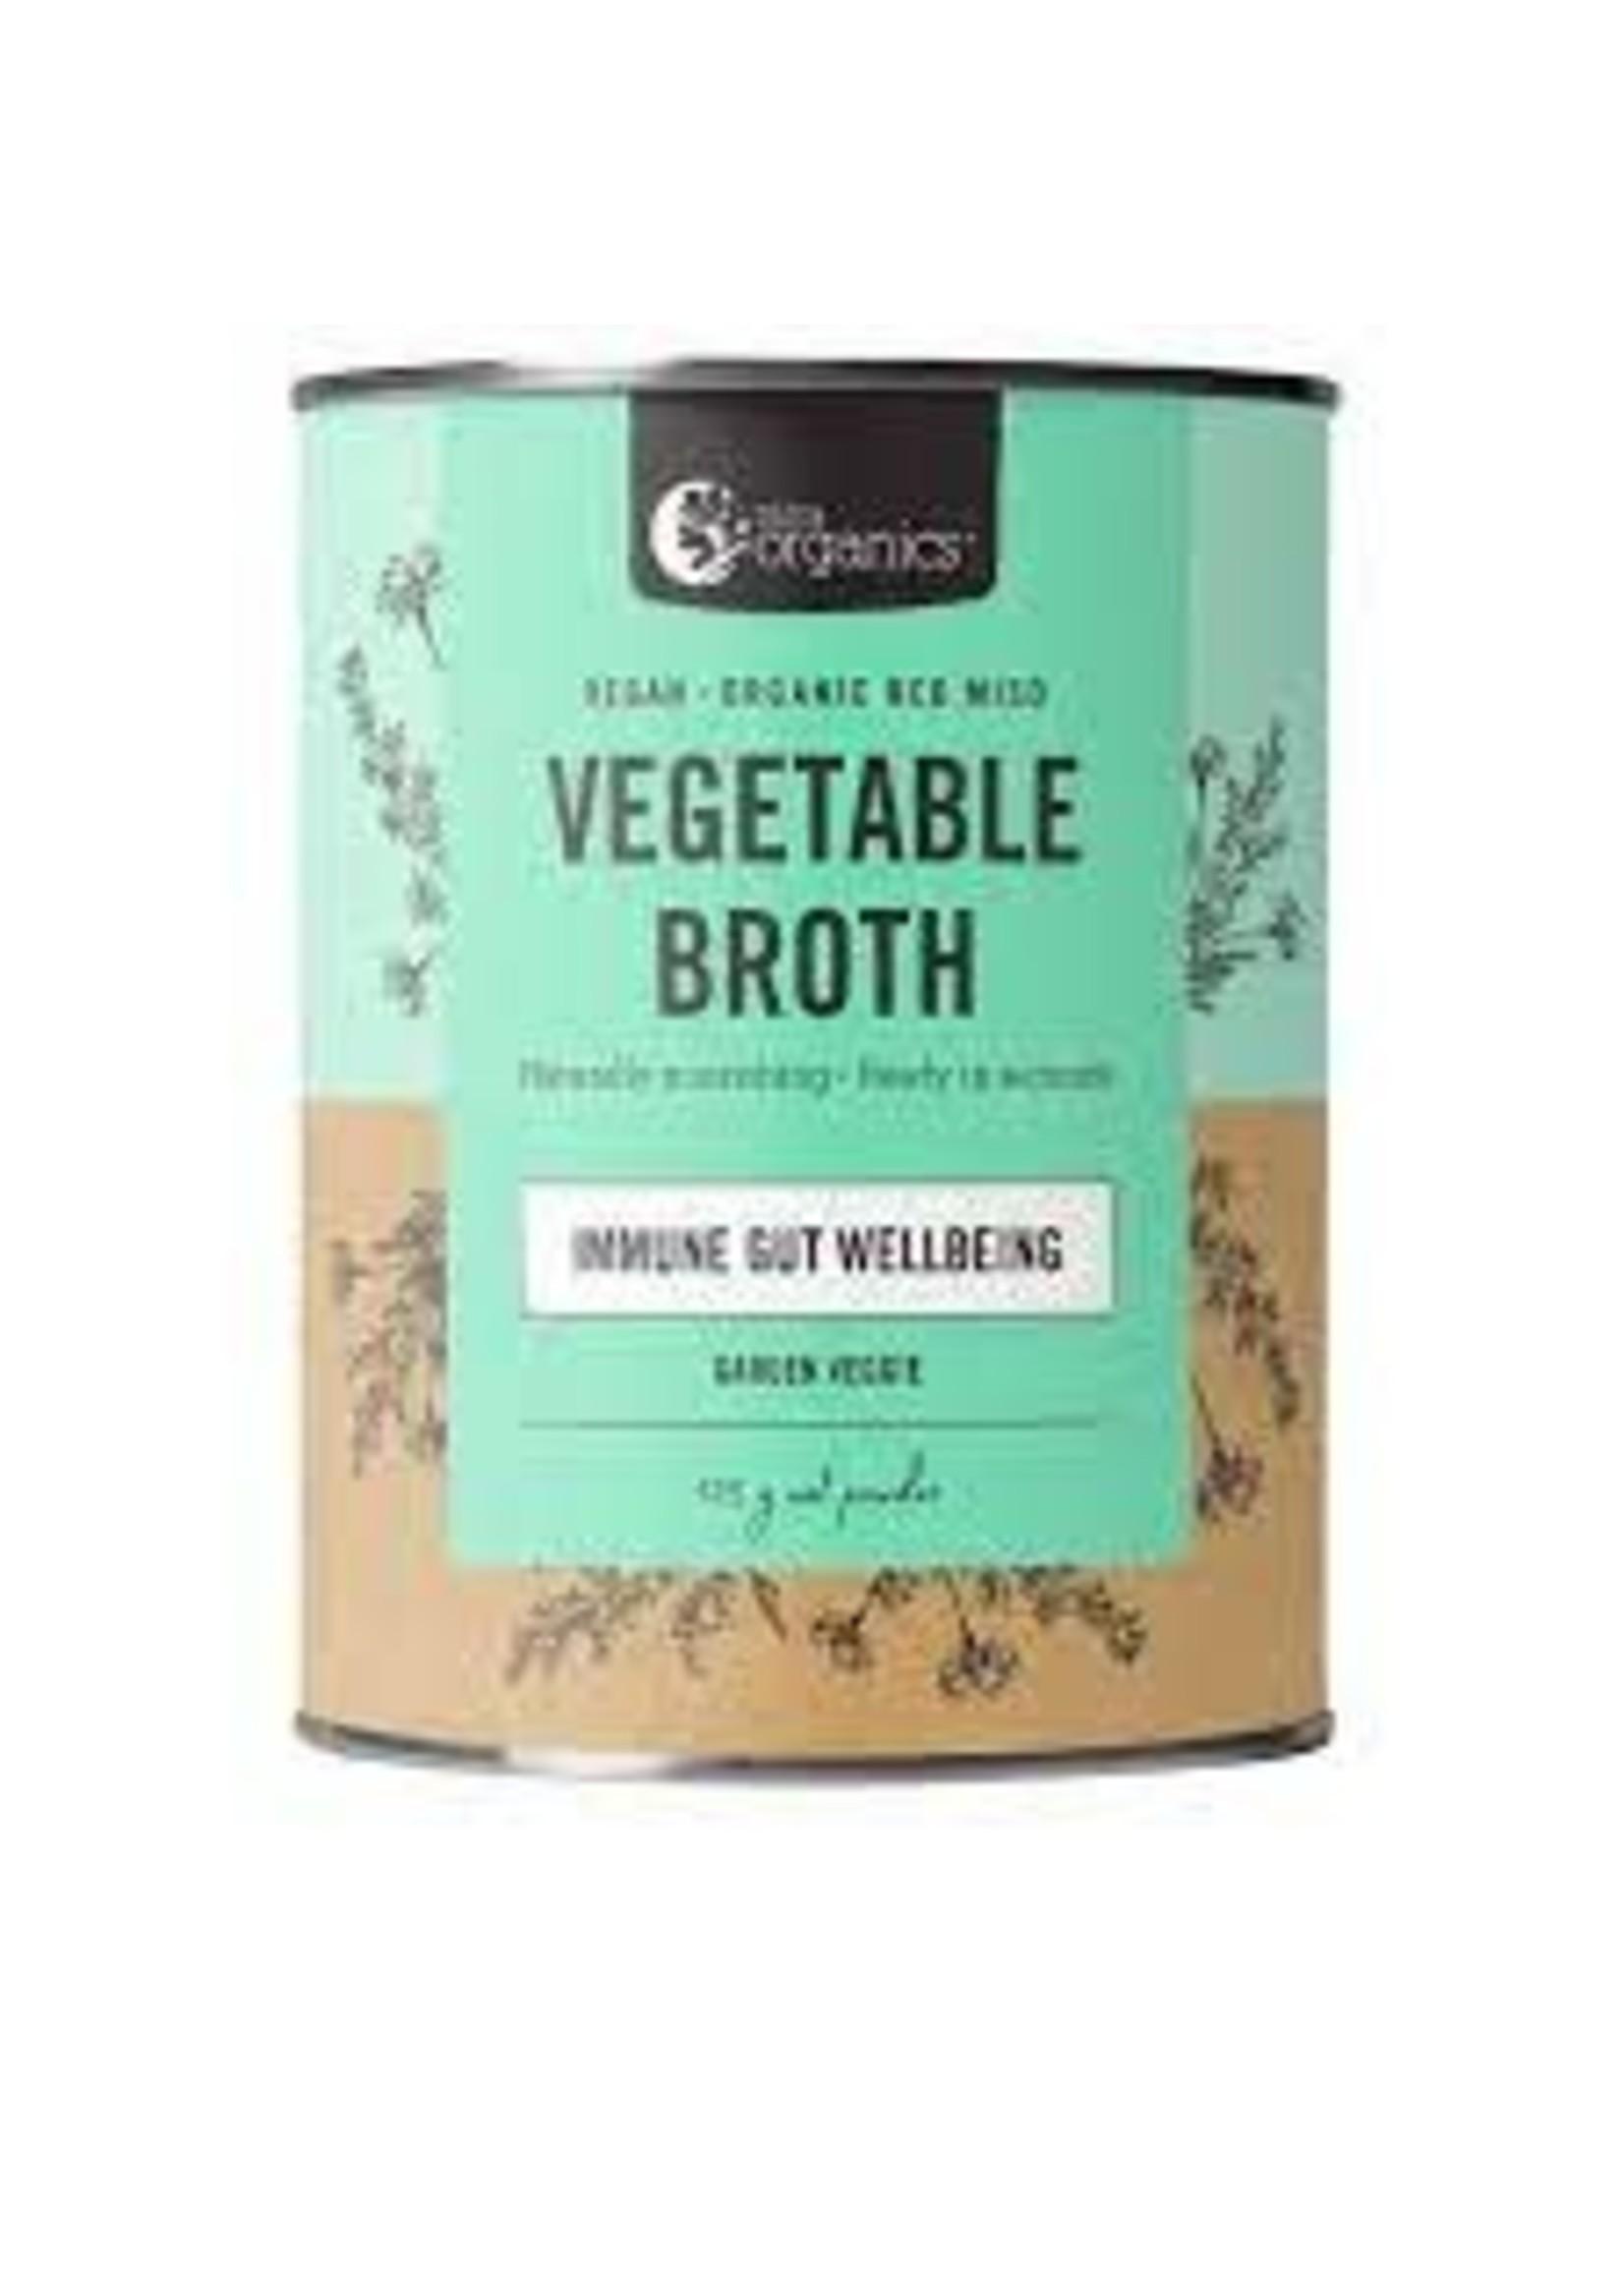 Nutra Organics Nutra Organics Vegetagble Broth Garden Veggie Immune Gut 125g Powder Cannister